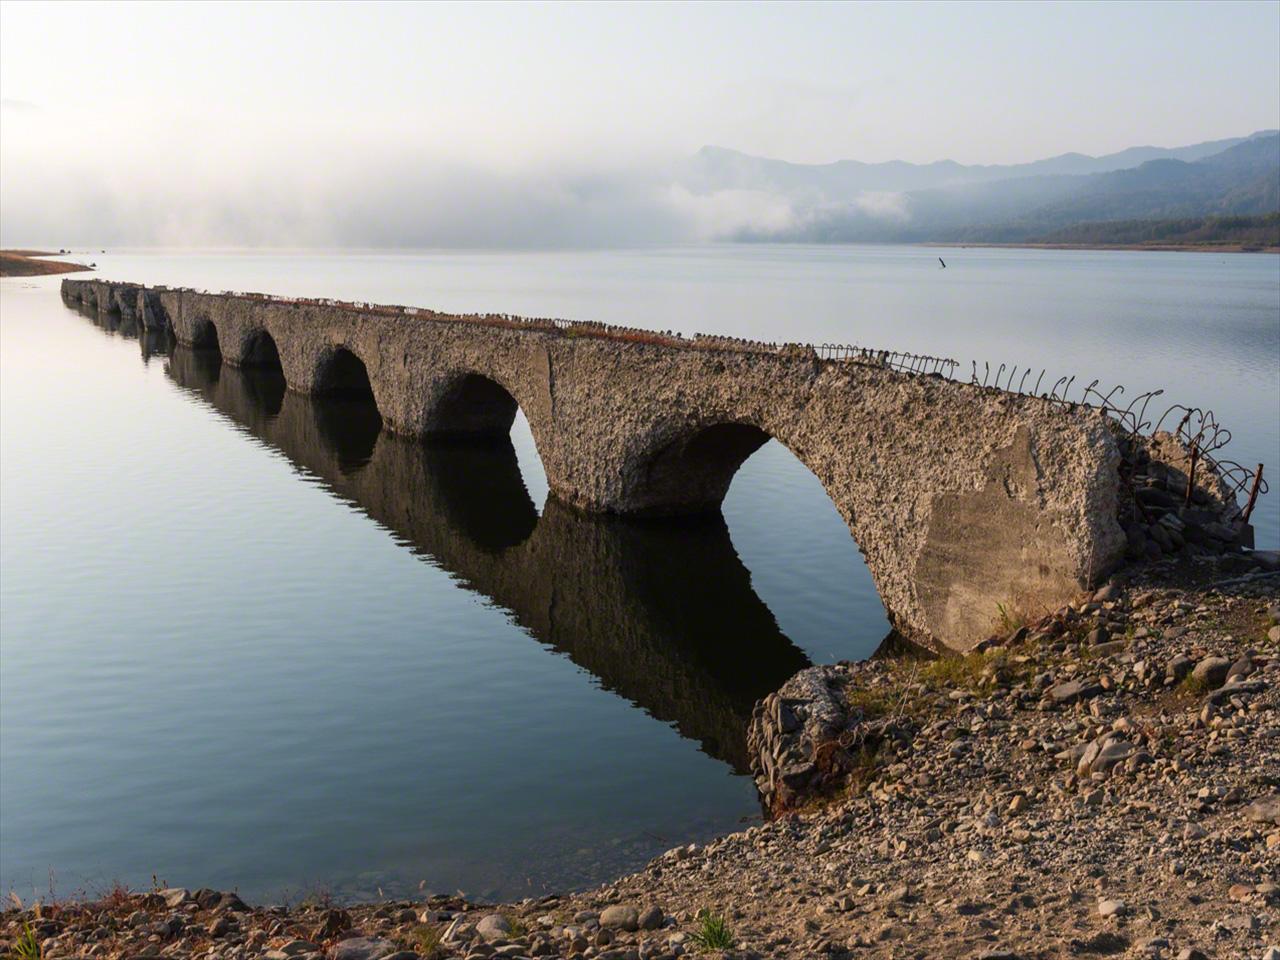 En octubre va creciendo el agua acumulada para el invierno, por lo que un 70 % de la estructura queda sumergido.